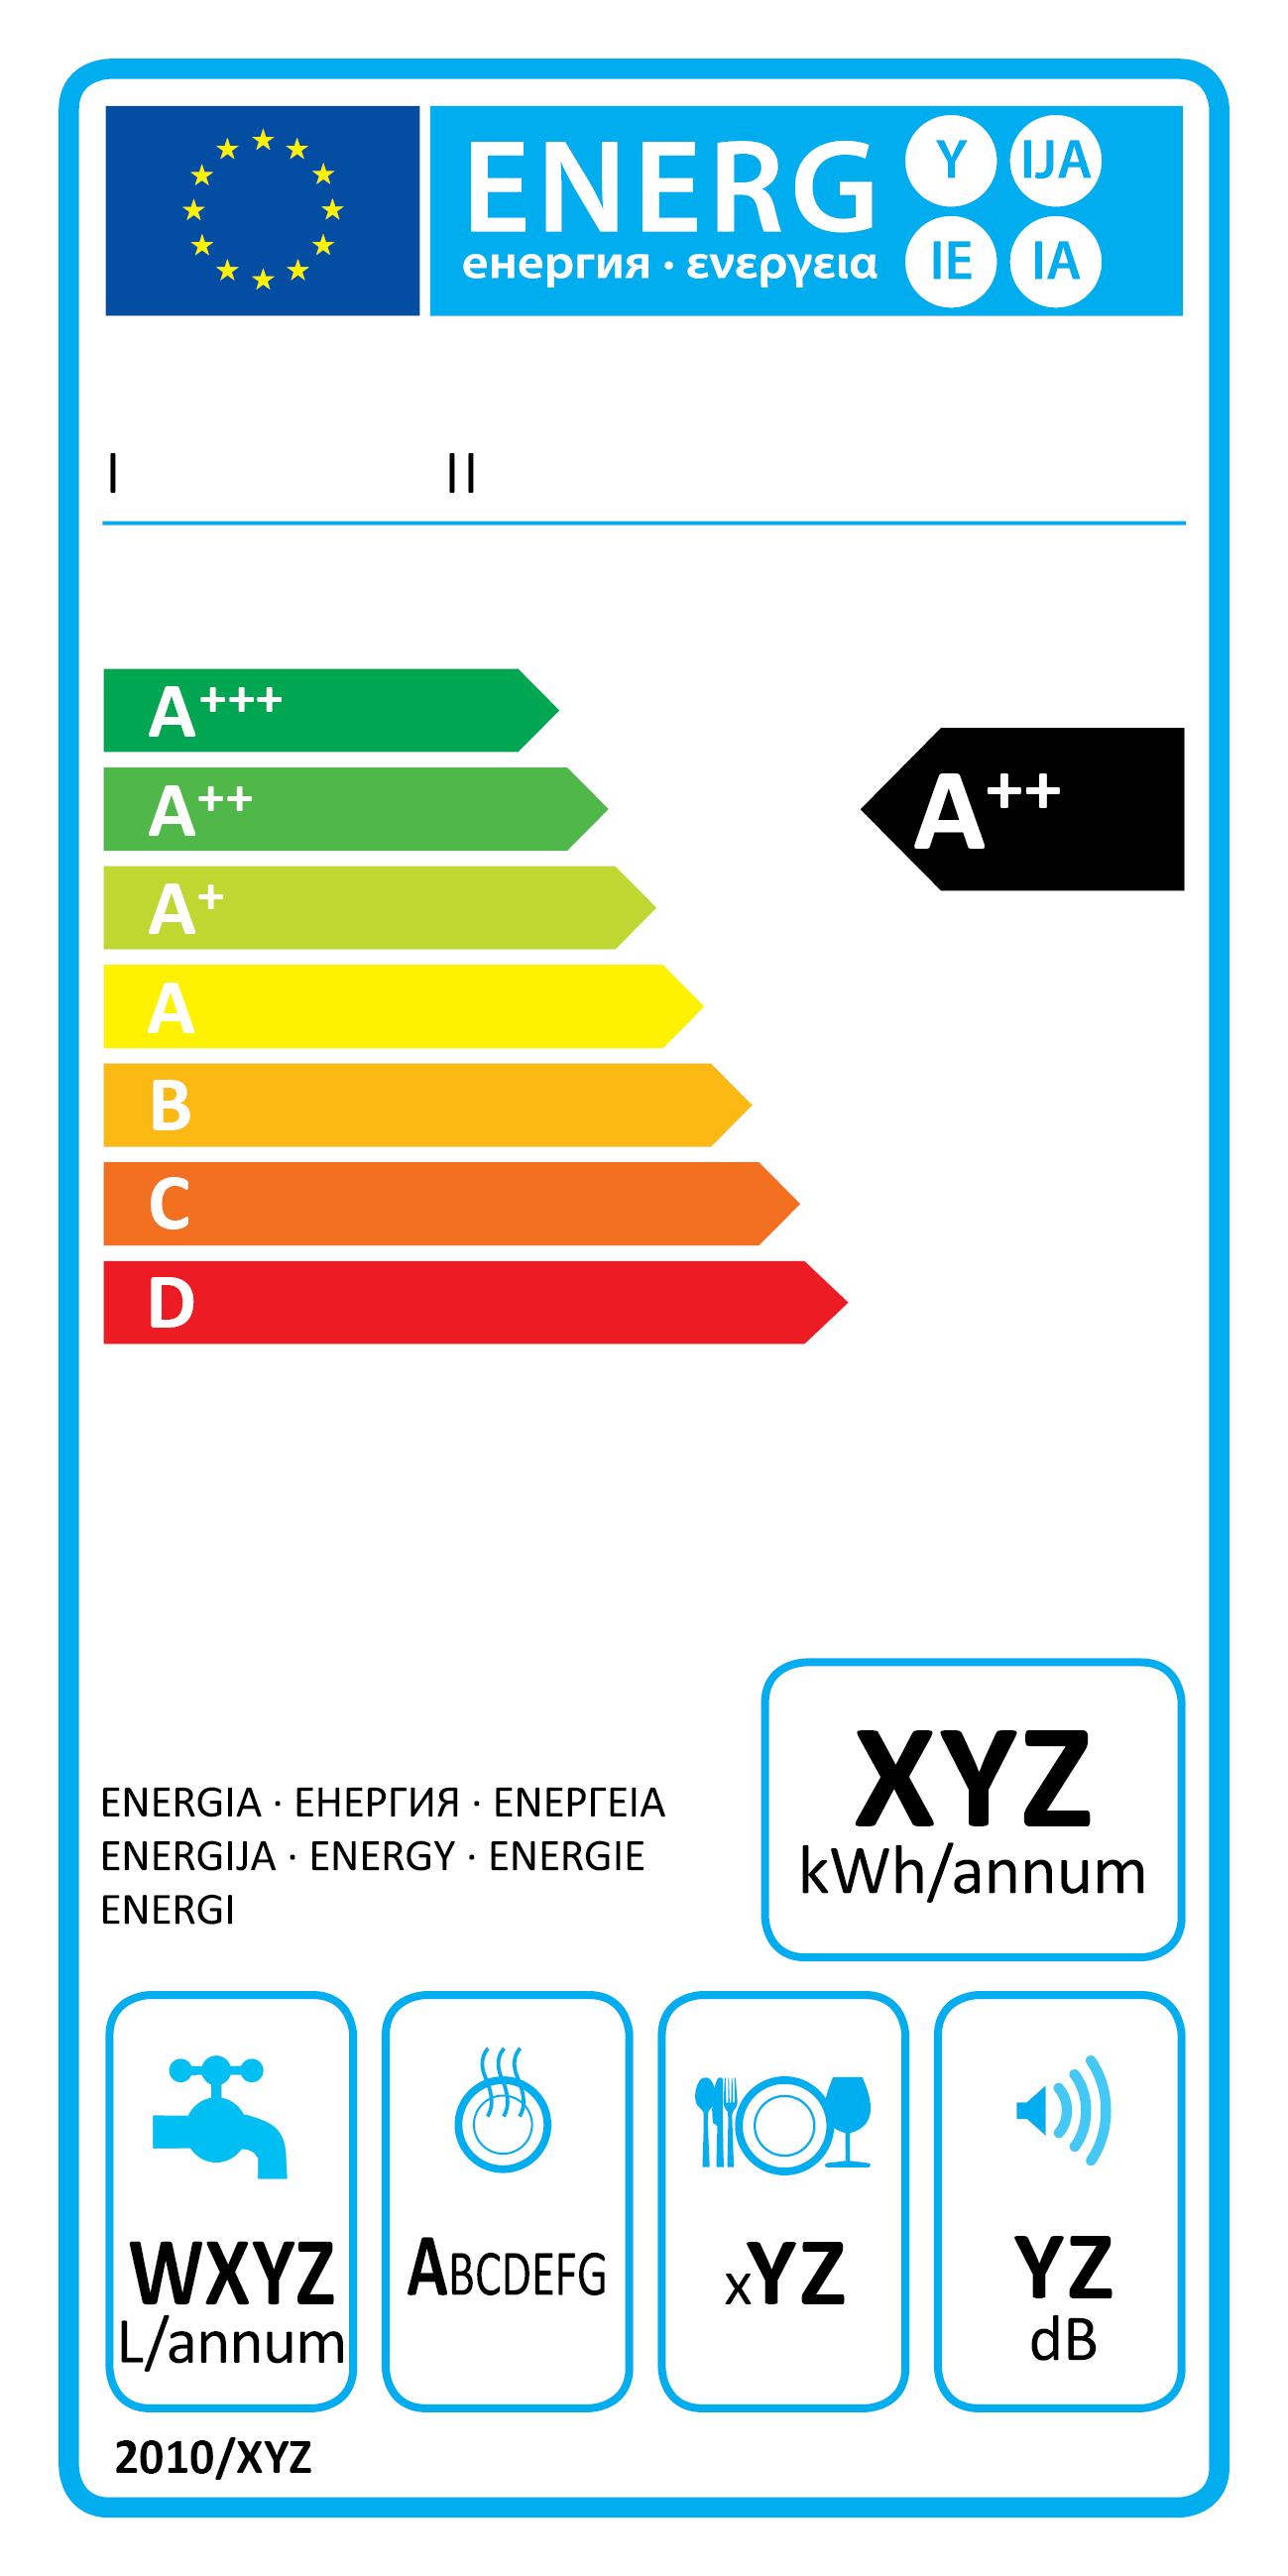 Neue vorschriften fur energieeffizienzlabel von for Quelle geschirrspüler